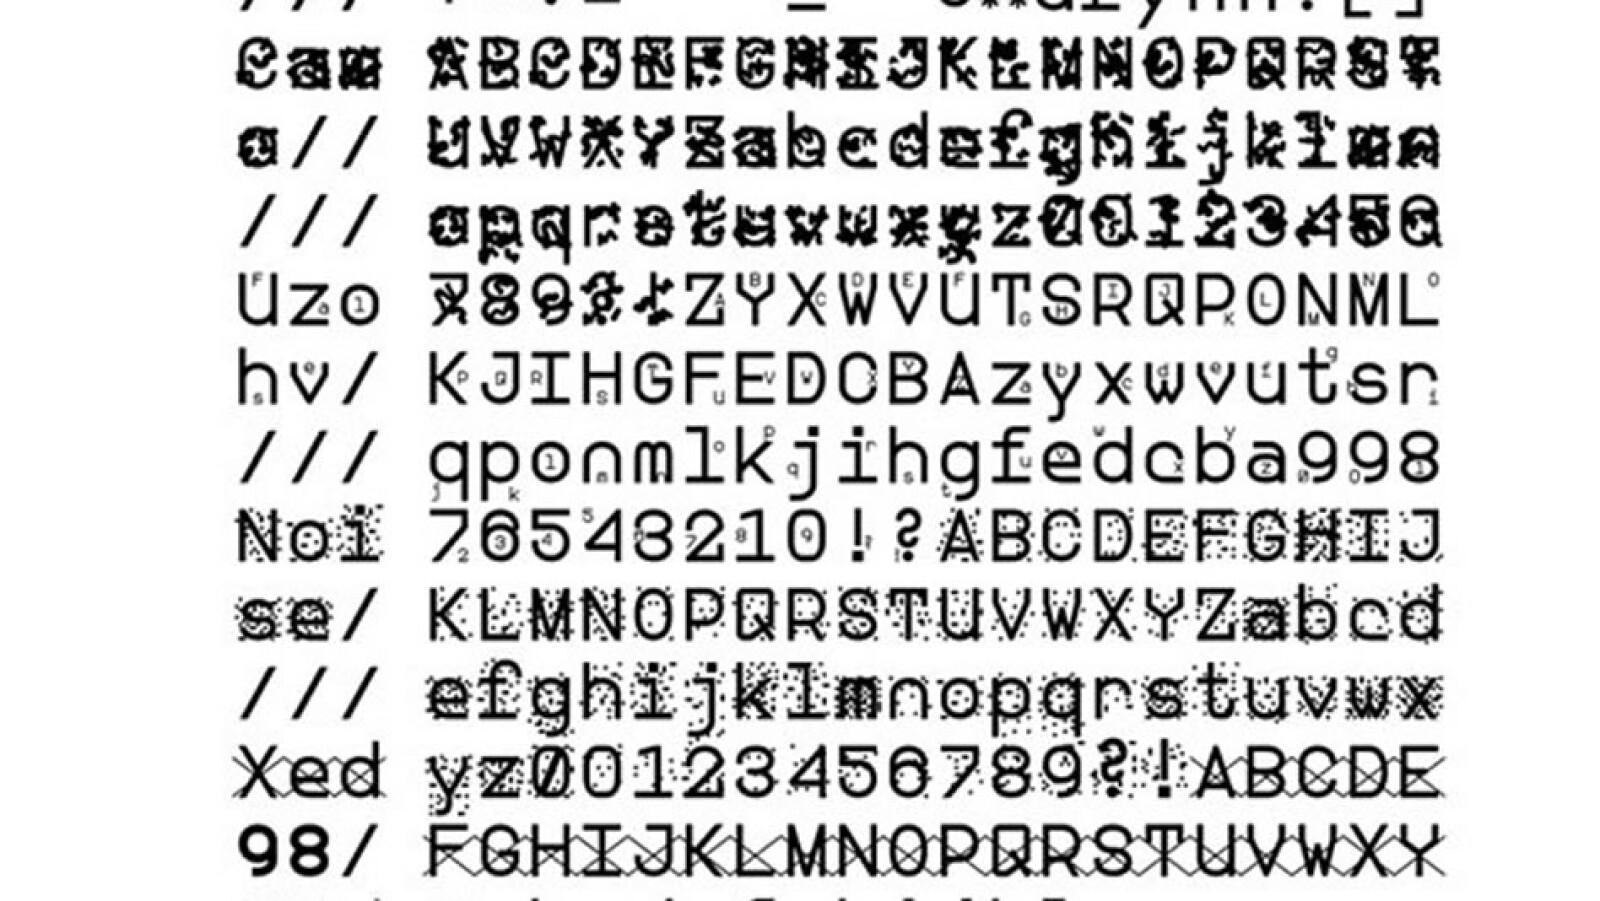 internet, seguridad, nsa, diseno, letras, computacion, privacidad, reconocimiento, optico, caracteres